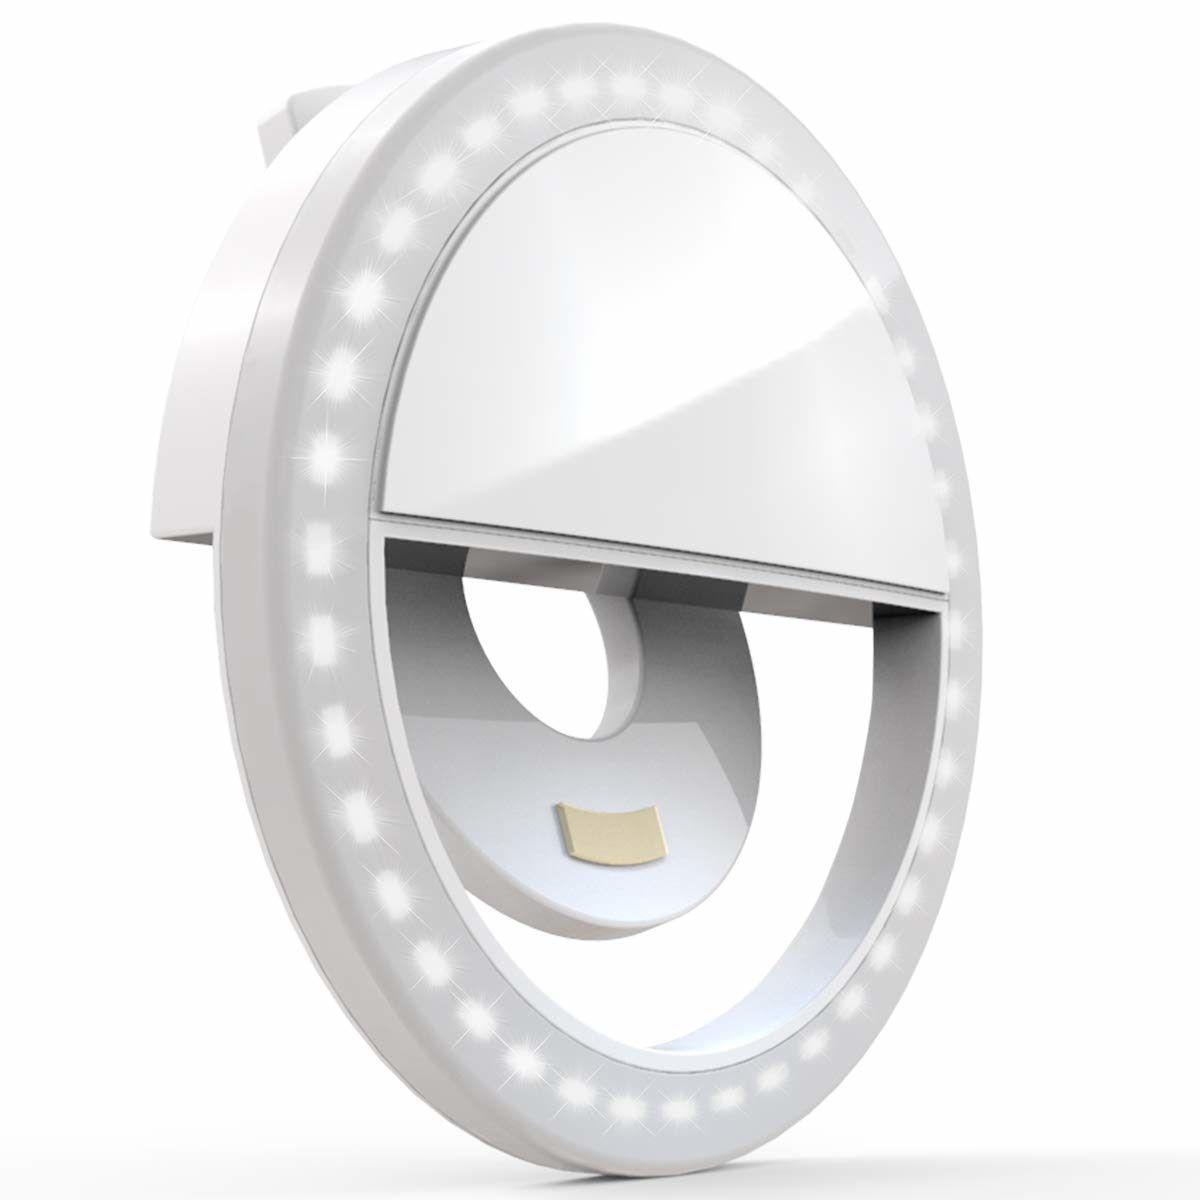 Ring Light LED Portátil Para Celular Com Bateria